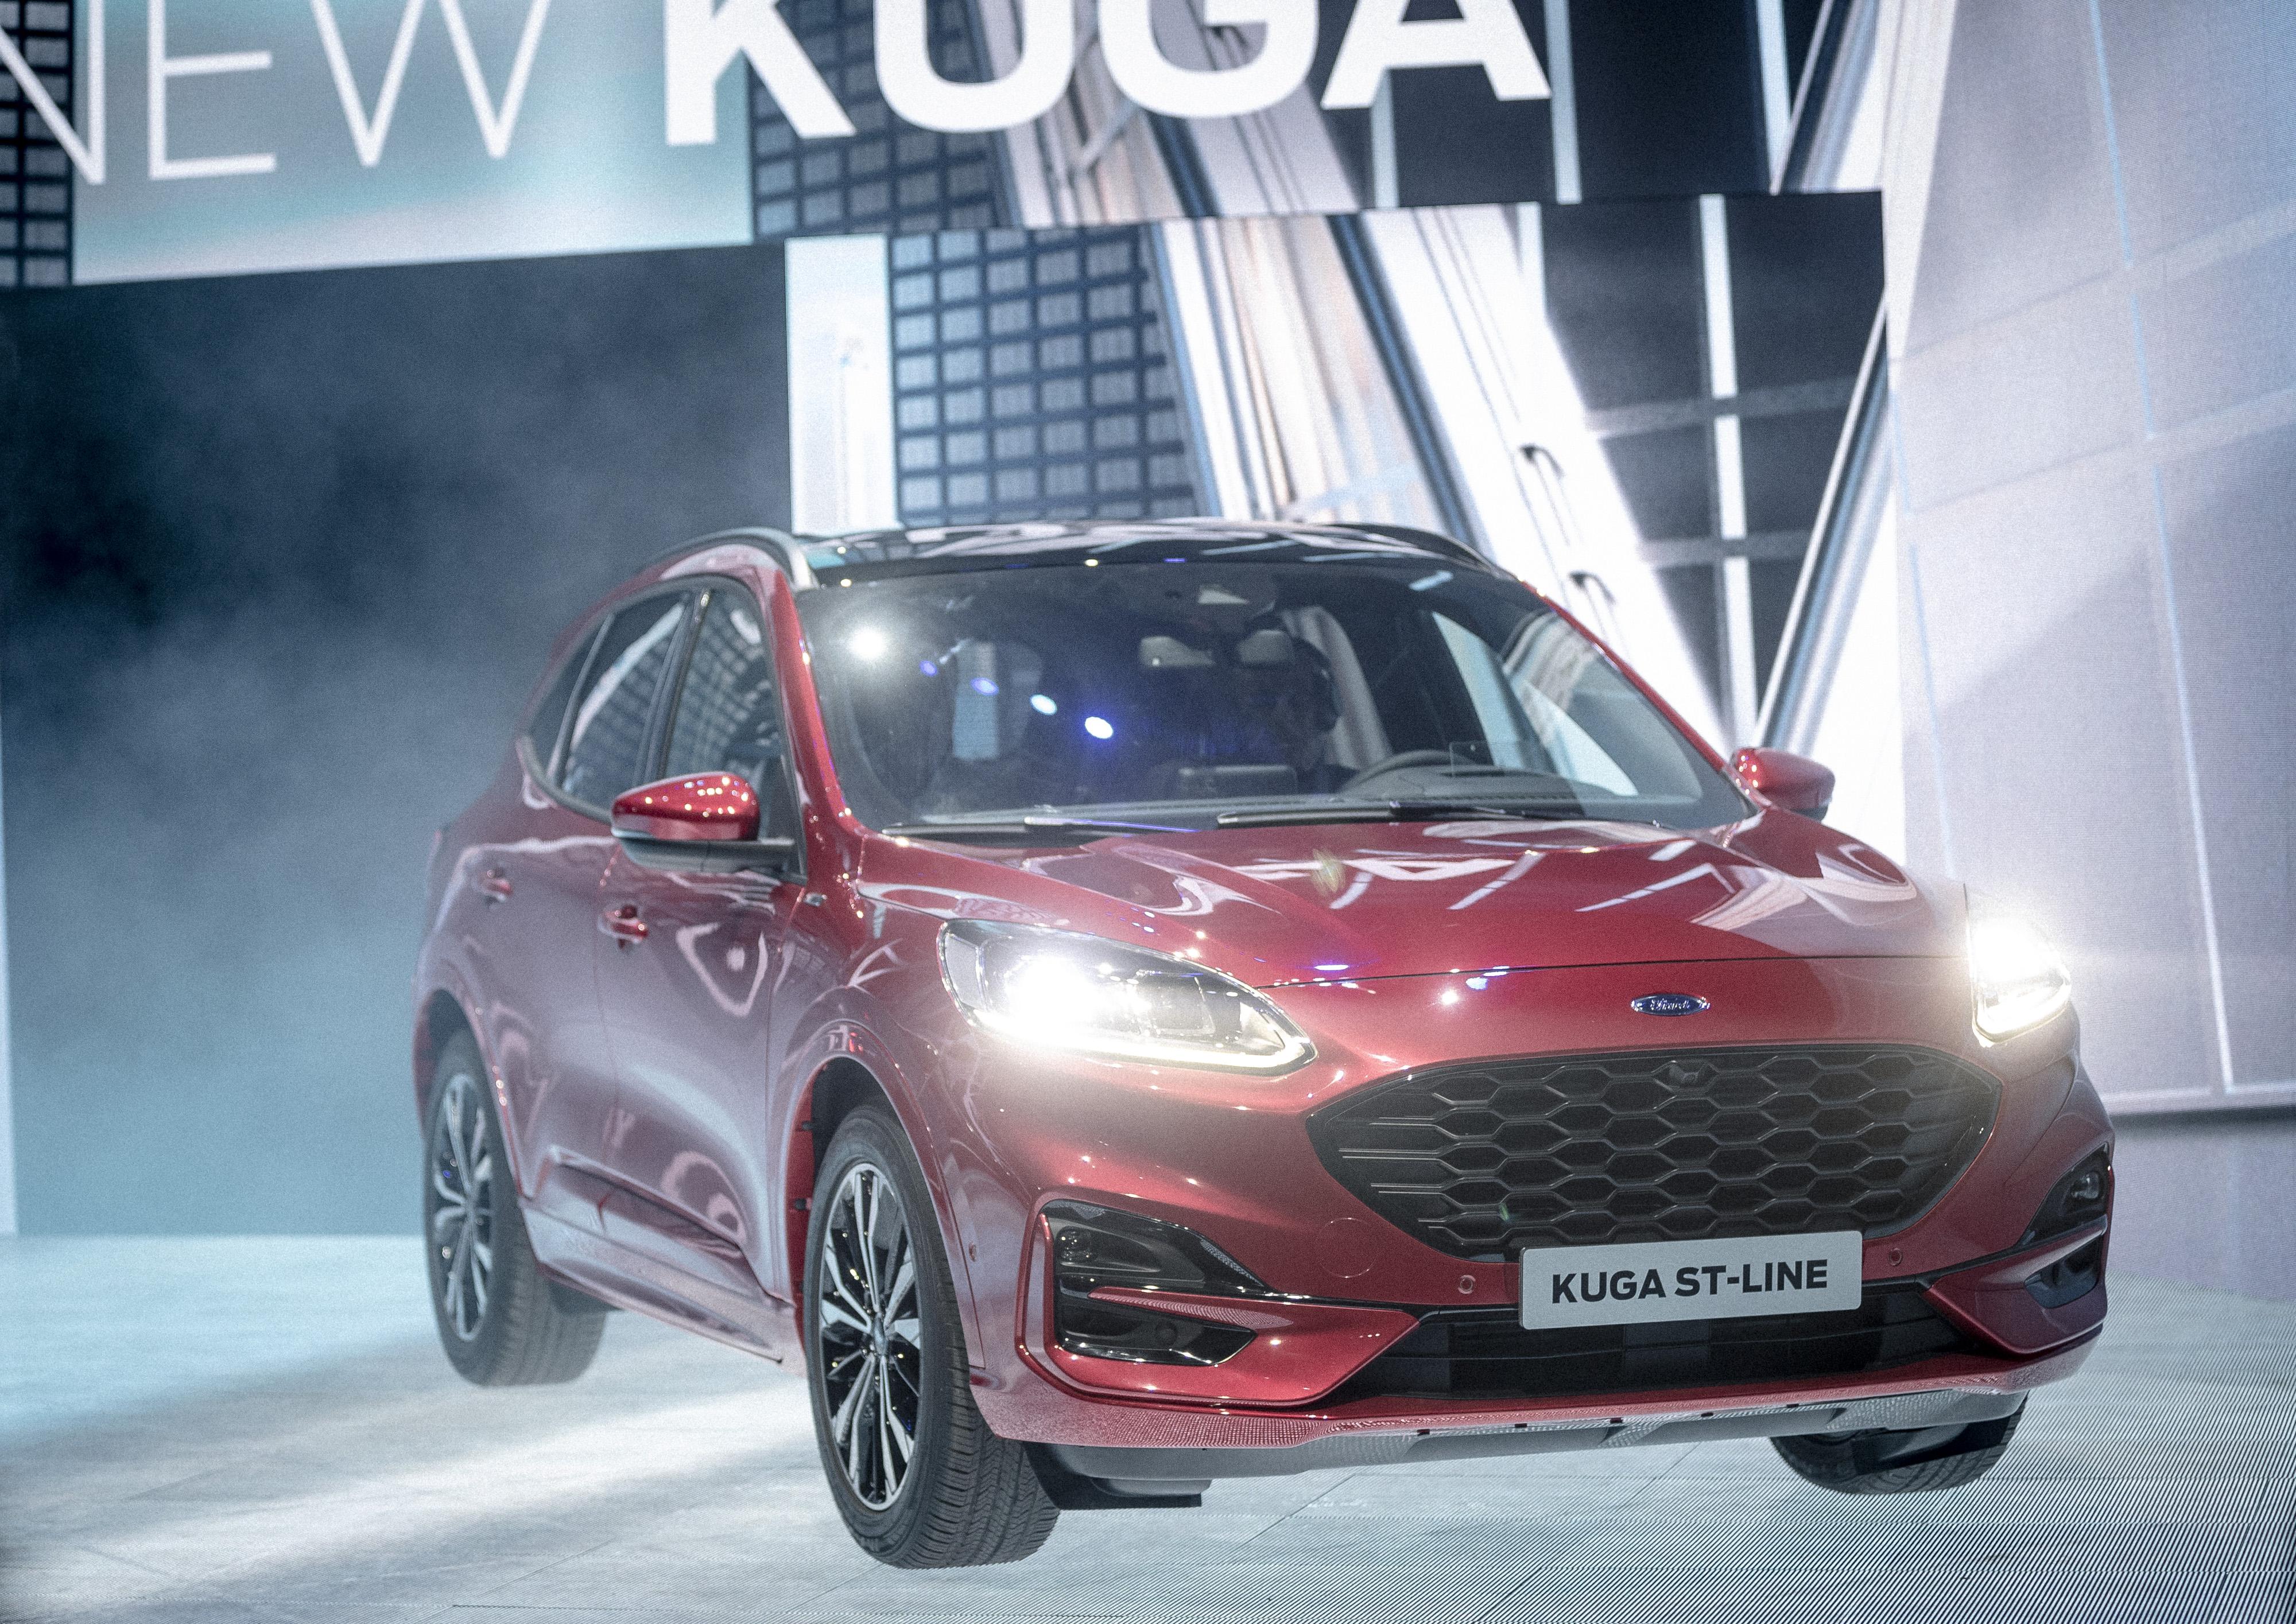 Ford je predstavil paleto novih elektrificiranih vozil